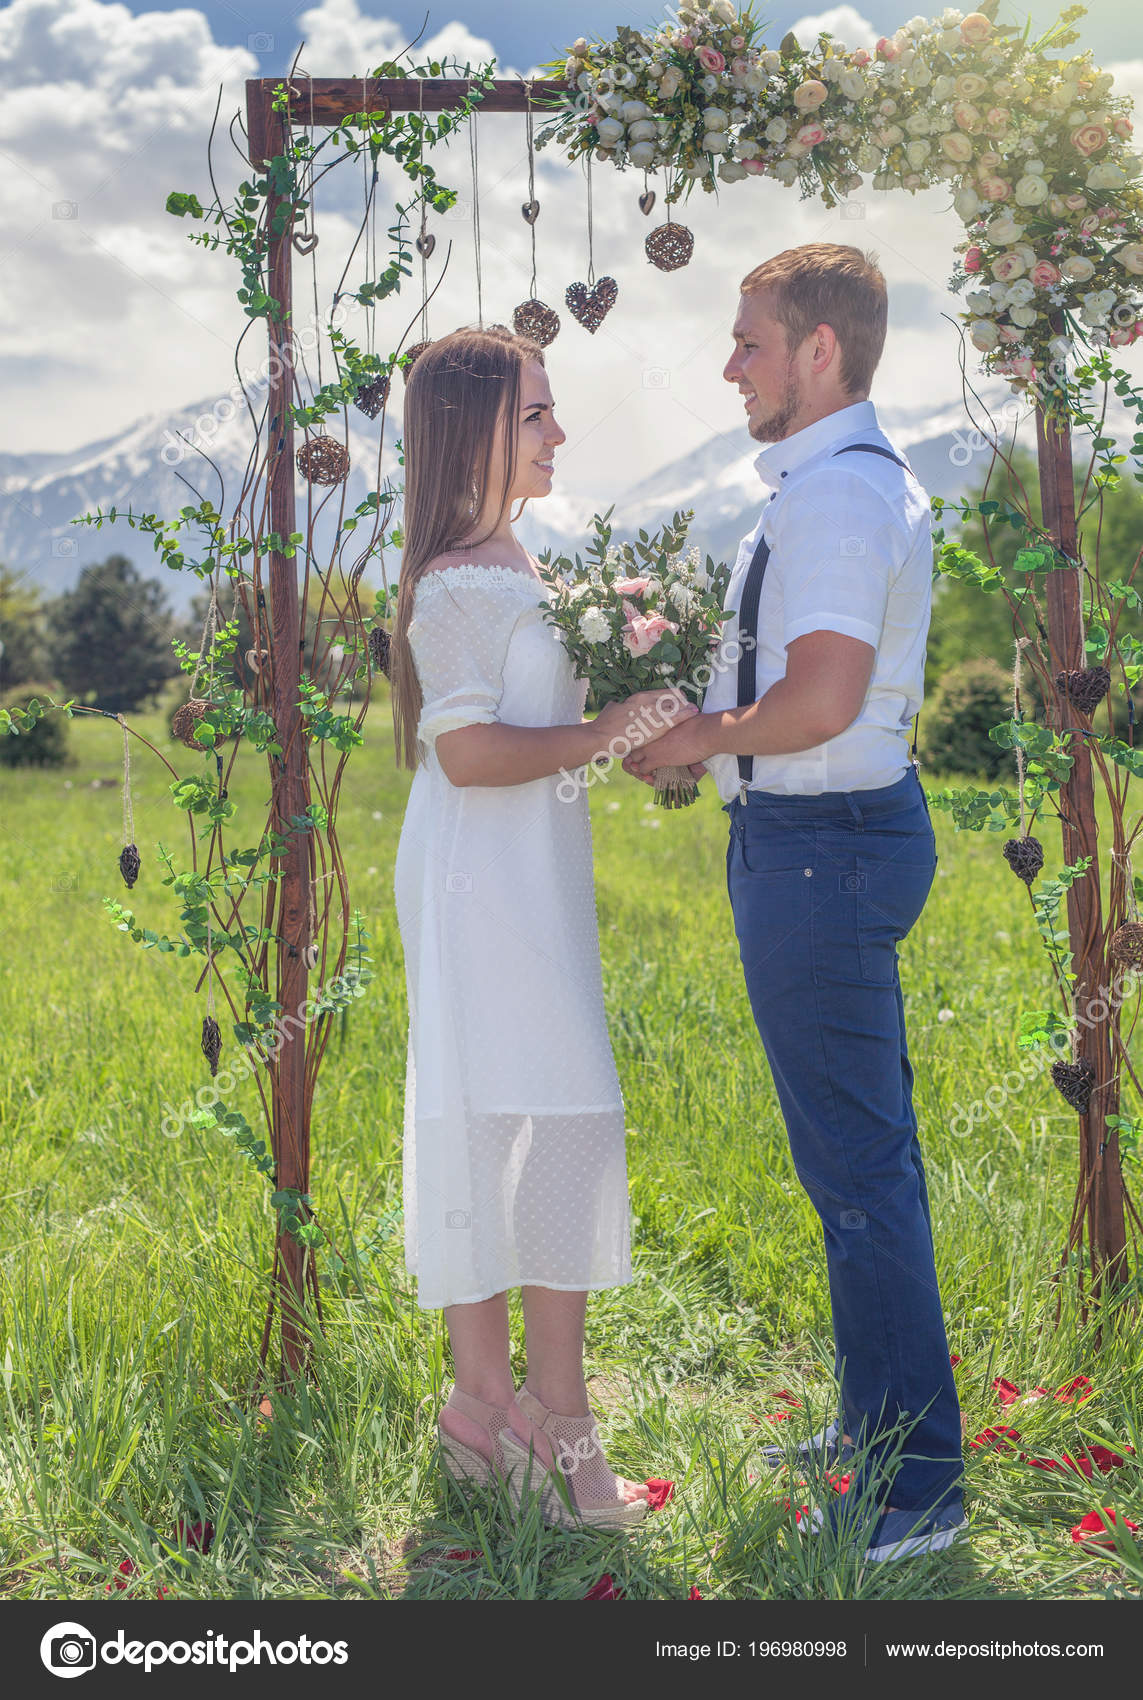 Matrimonio In Nuova Zelanda : Matrimonio coppie appena sposate ottenere il matrimonio in nuova